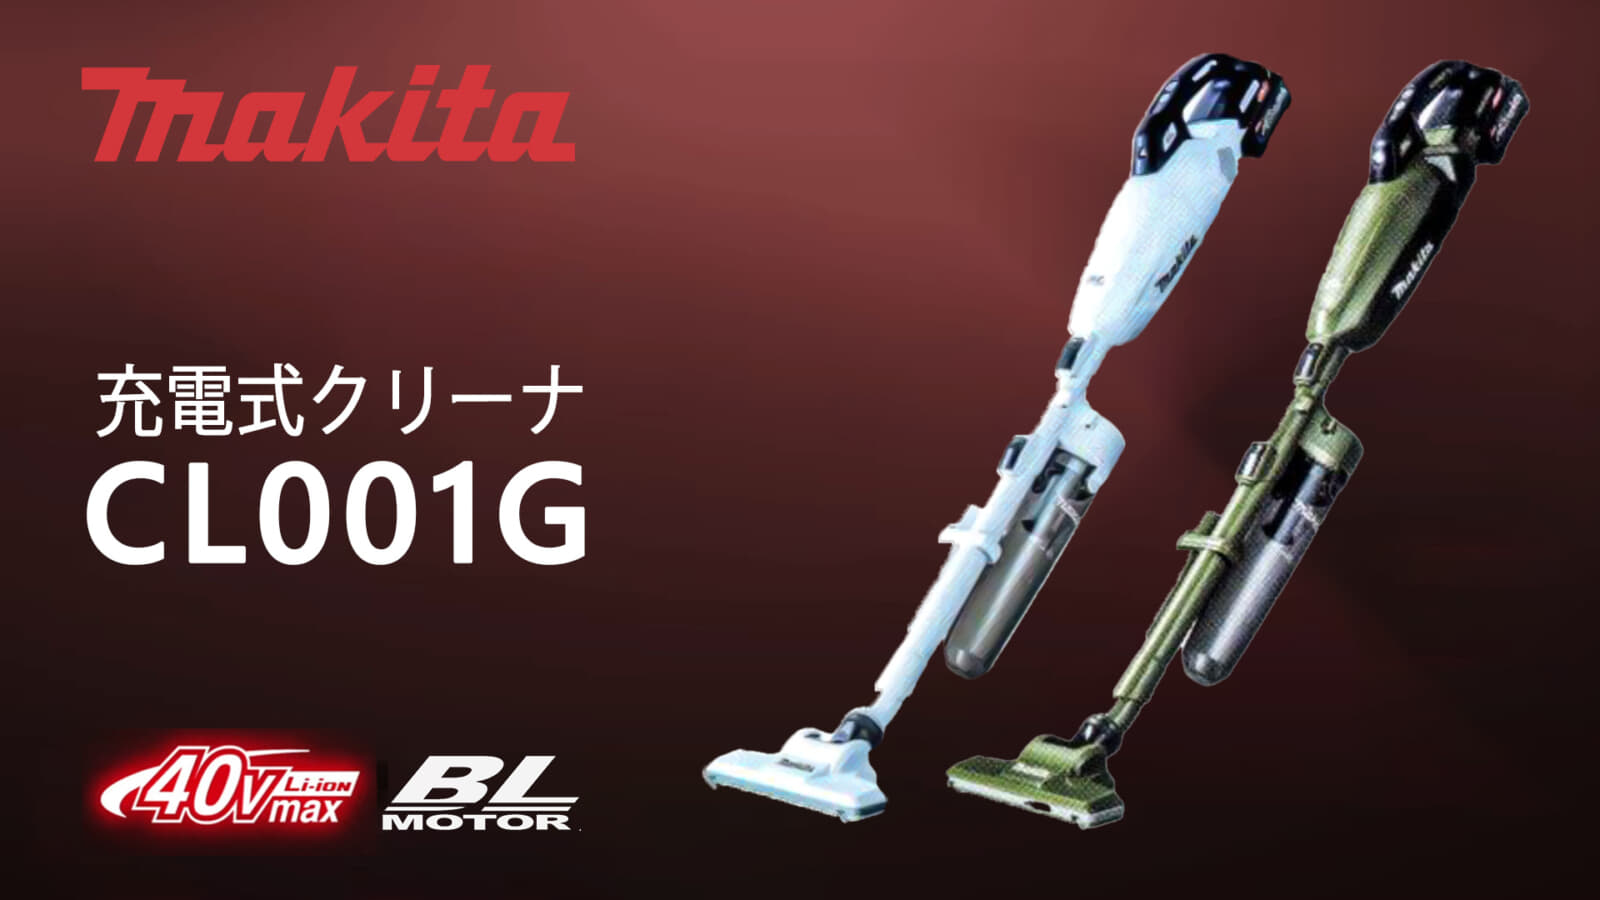 マキタ CL001G 充電式クリーナ、静音性と操作性が向上【製品レビュー】